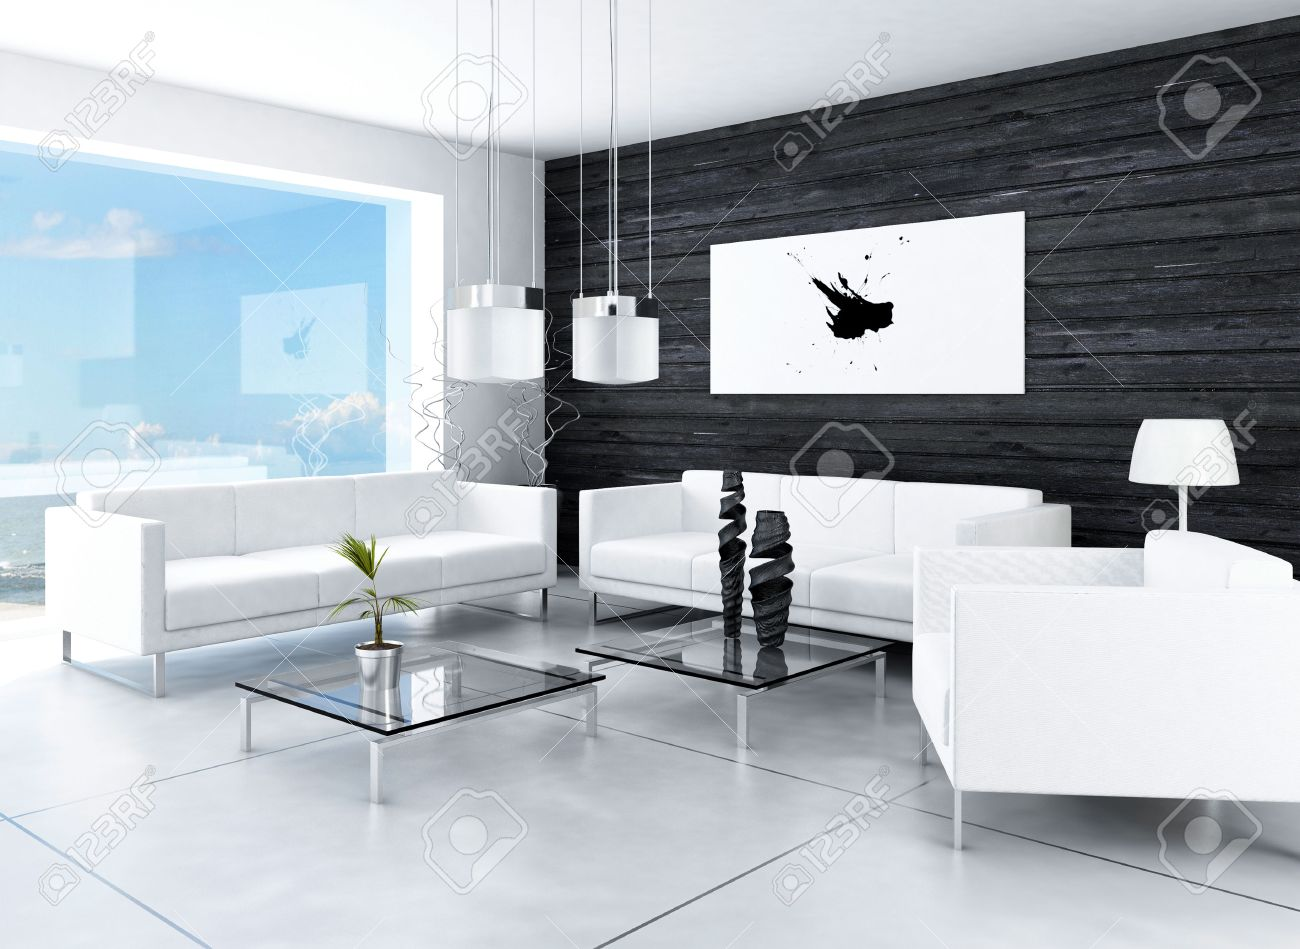 Diseno Moderno Blanco Y Negro Salon Interior Habitacion Fotos - Salones-de-diseo-moderno